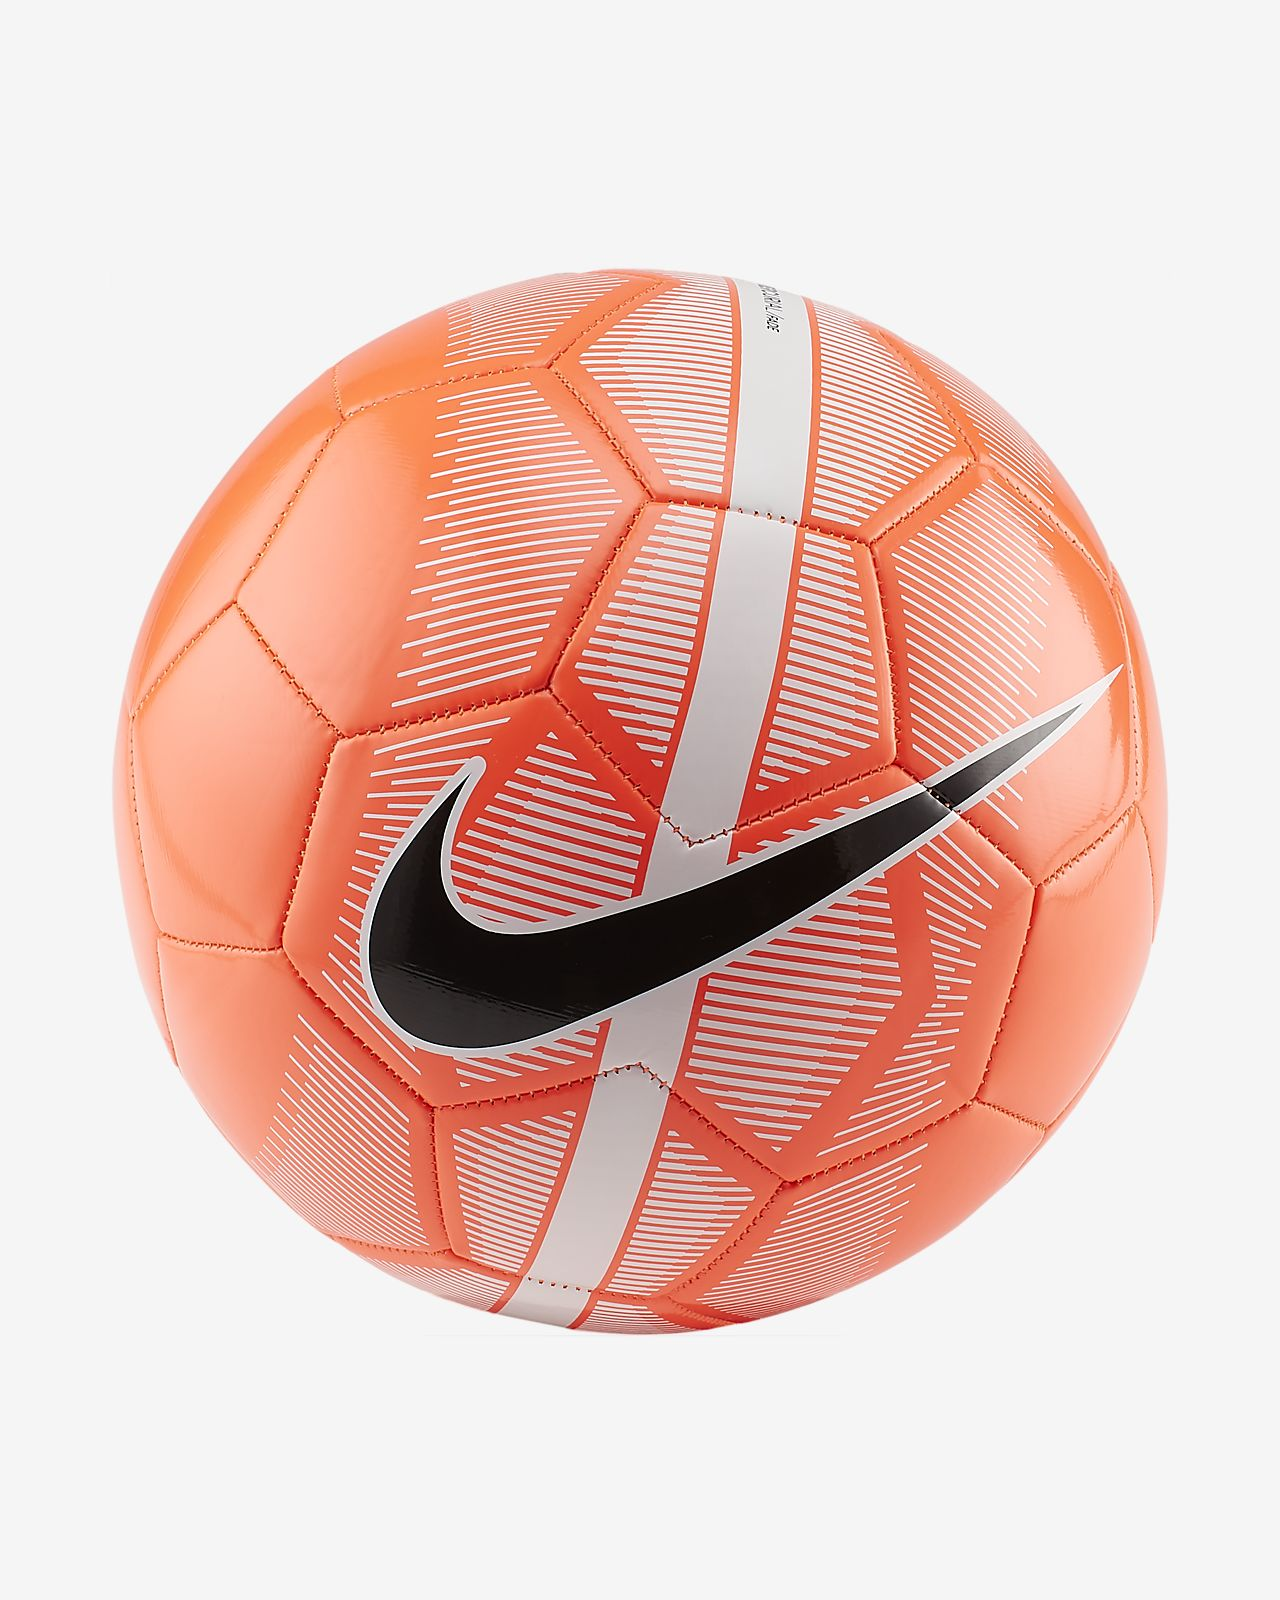 e4be5e390 Low Resolution Nike Mercurial Fade Football Nike Mercurial Fade Football